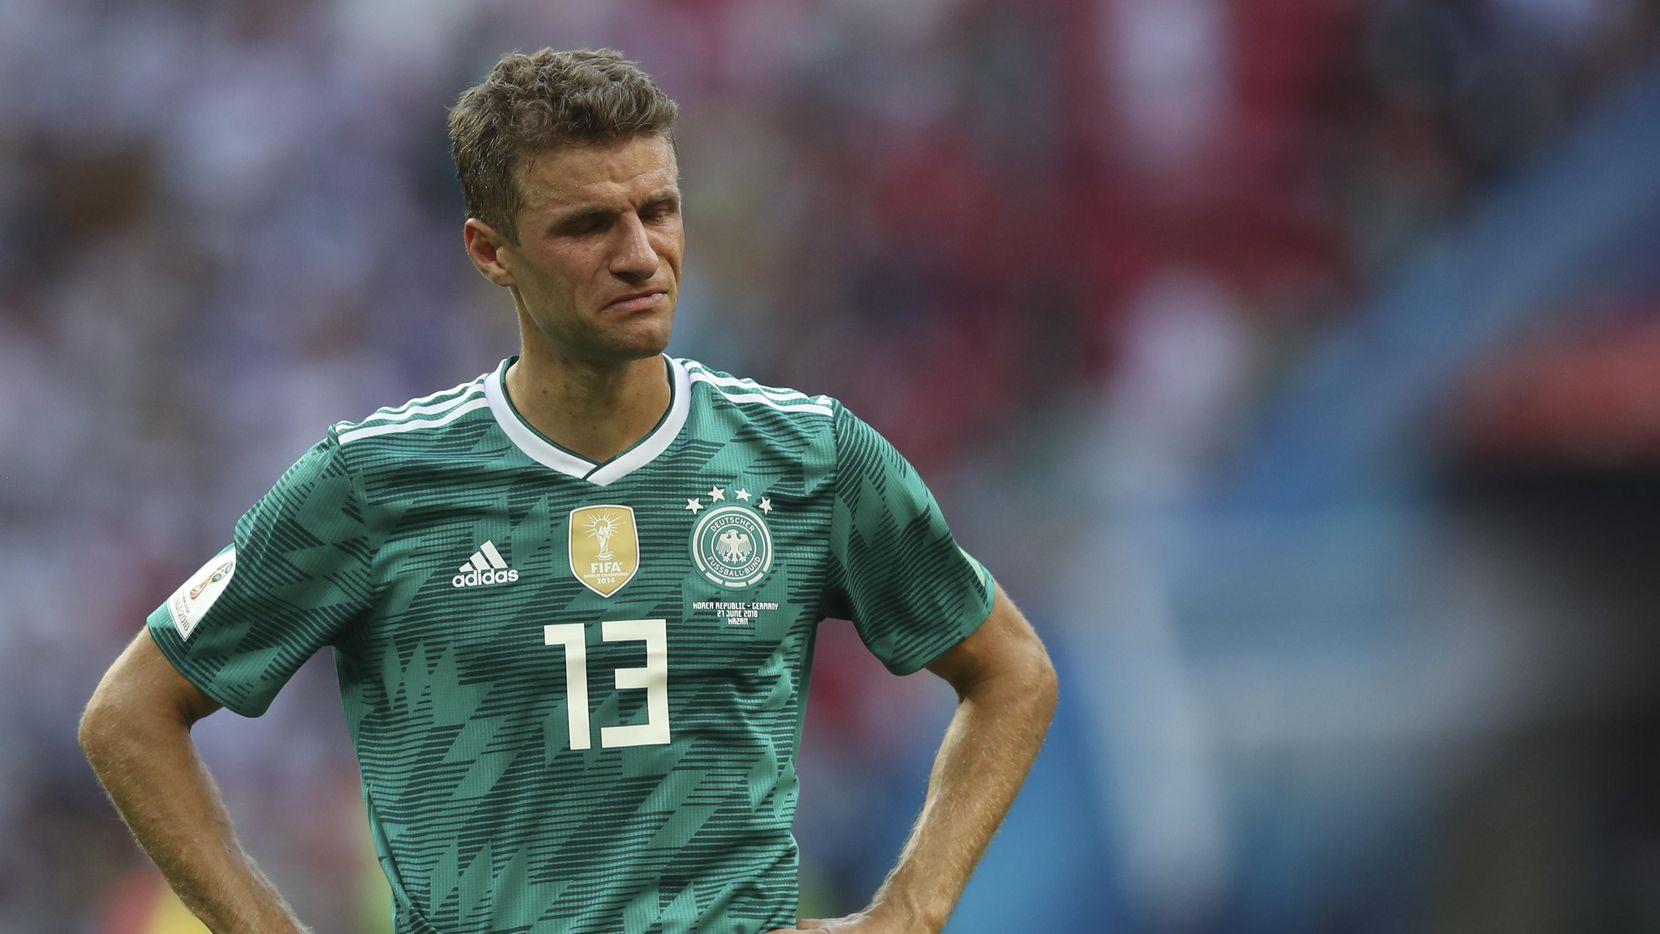 Thomas Mueller y la selección alemana fueron eliminados del Mundial en primera ronda por primera vez desde 1938. (AP/Thanassis Stavrakis)